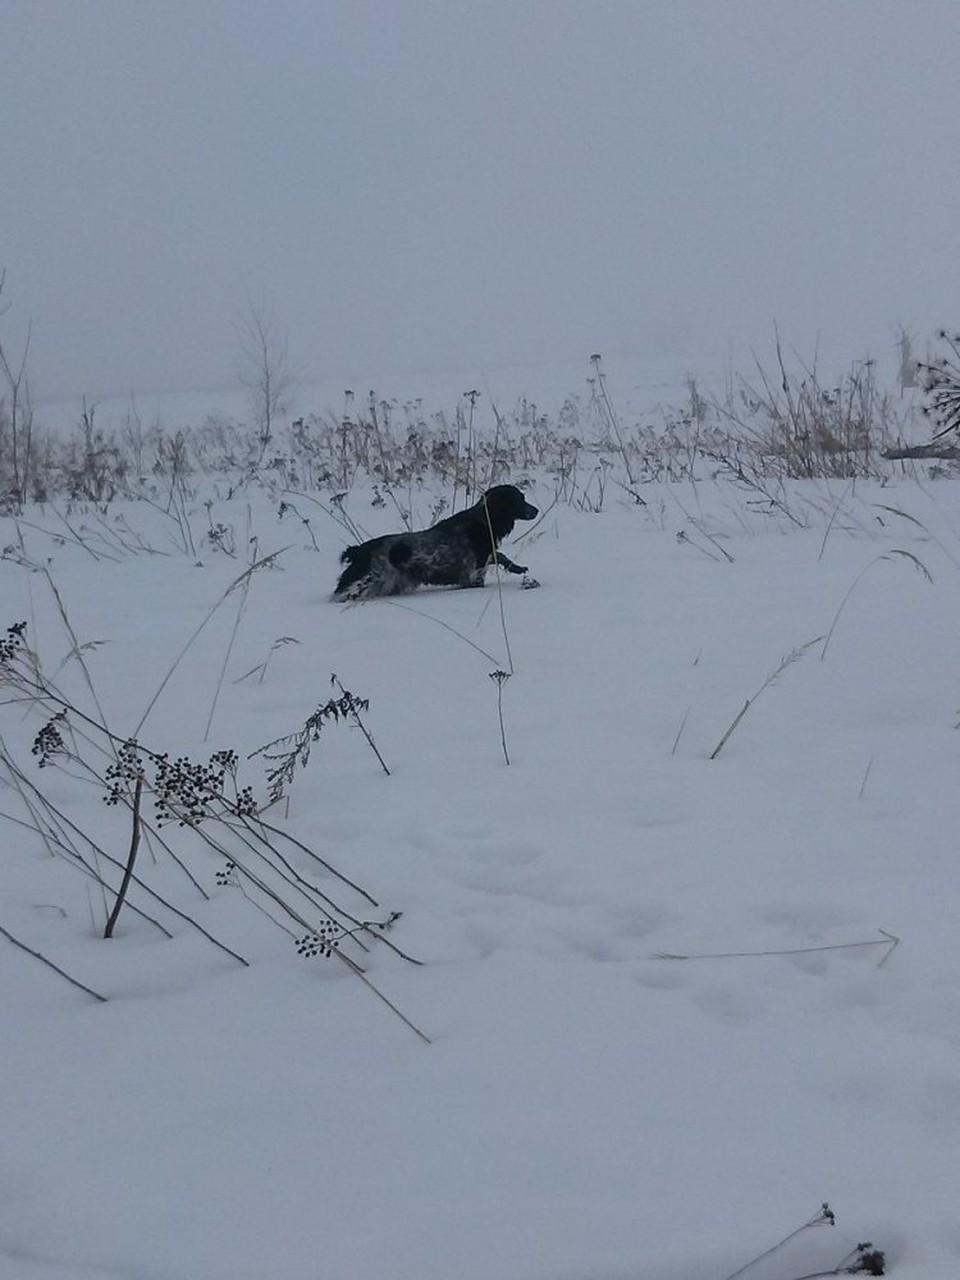 С 1 января в регионе действуют Новые параметры осуществления охоты